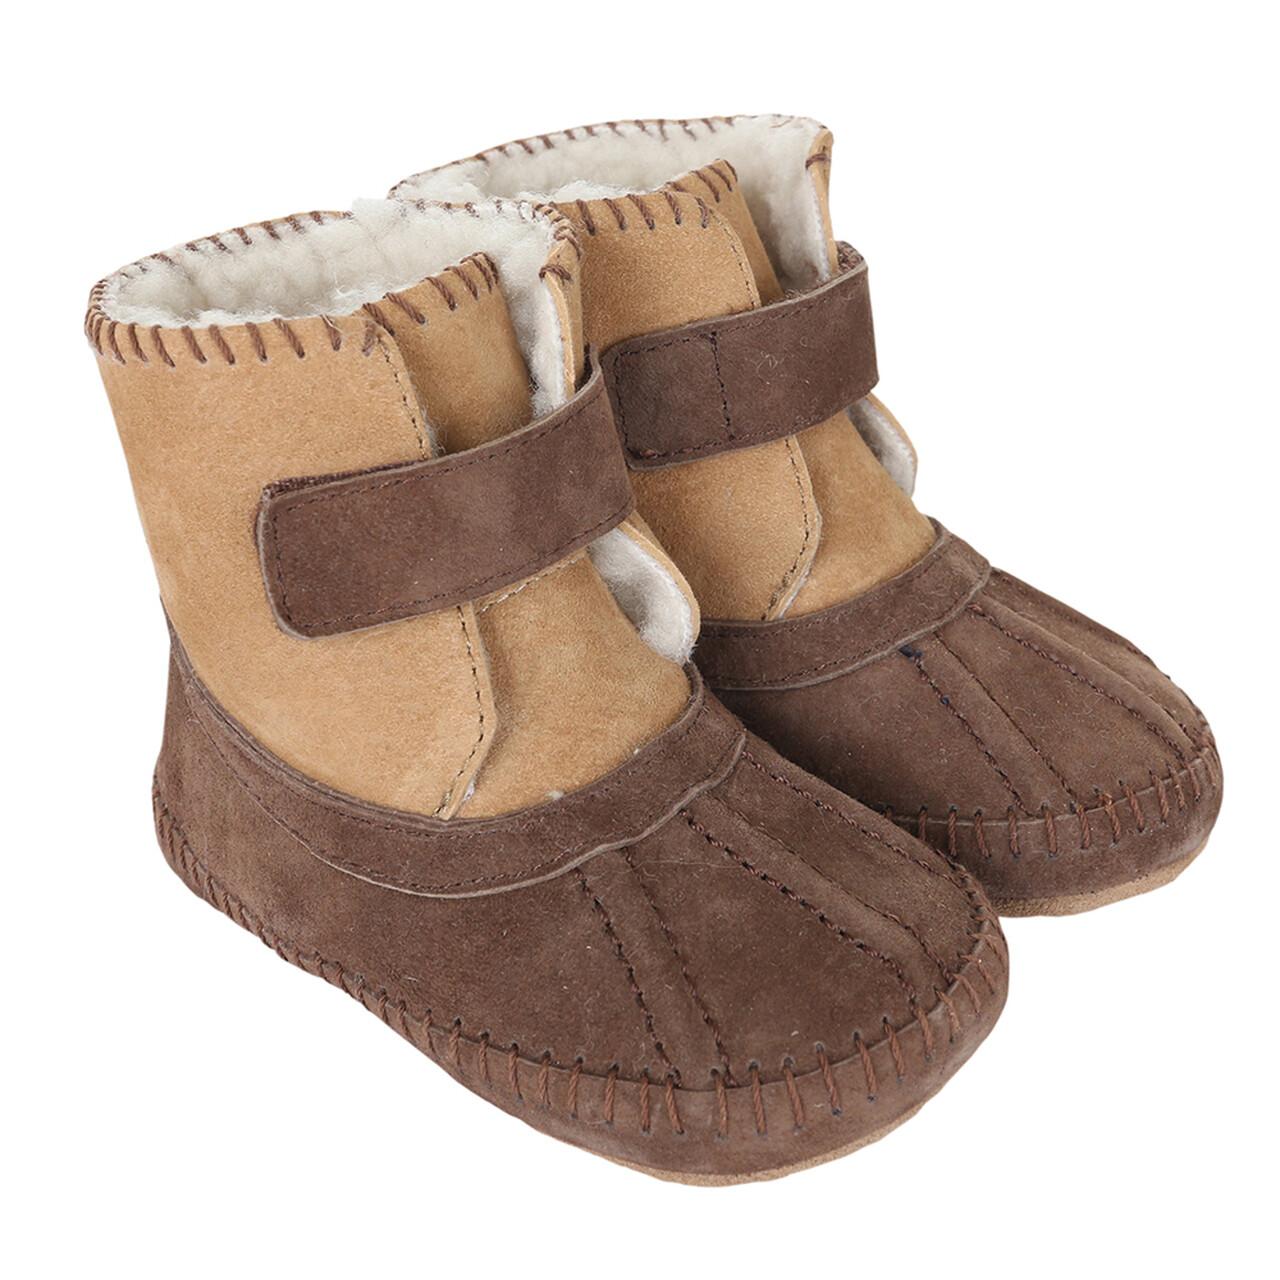 Robeez Galway cozy boot brown 18-24